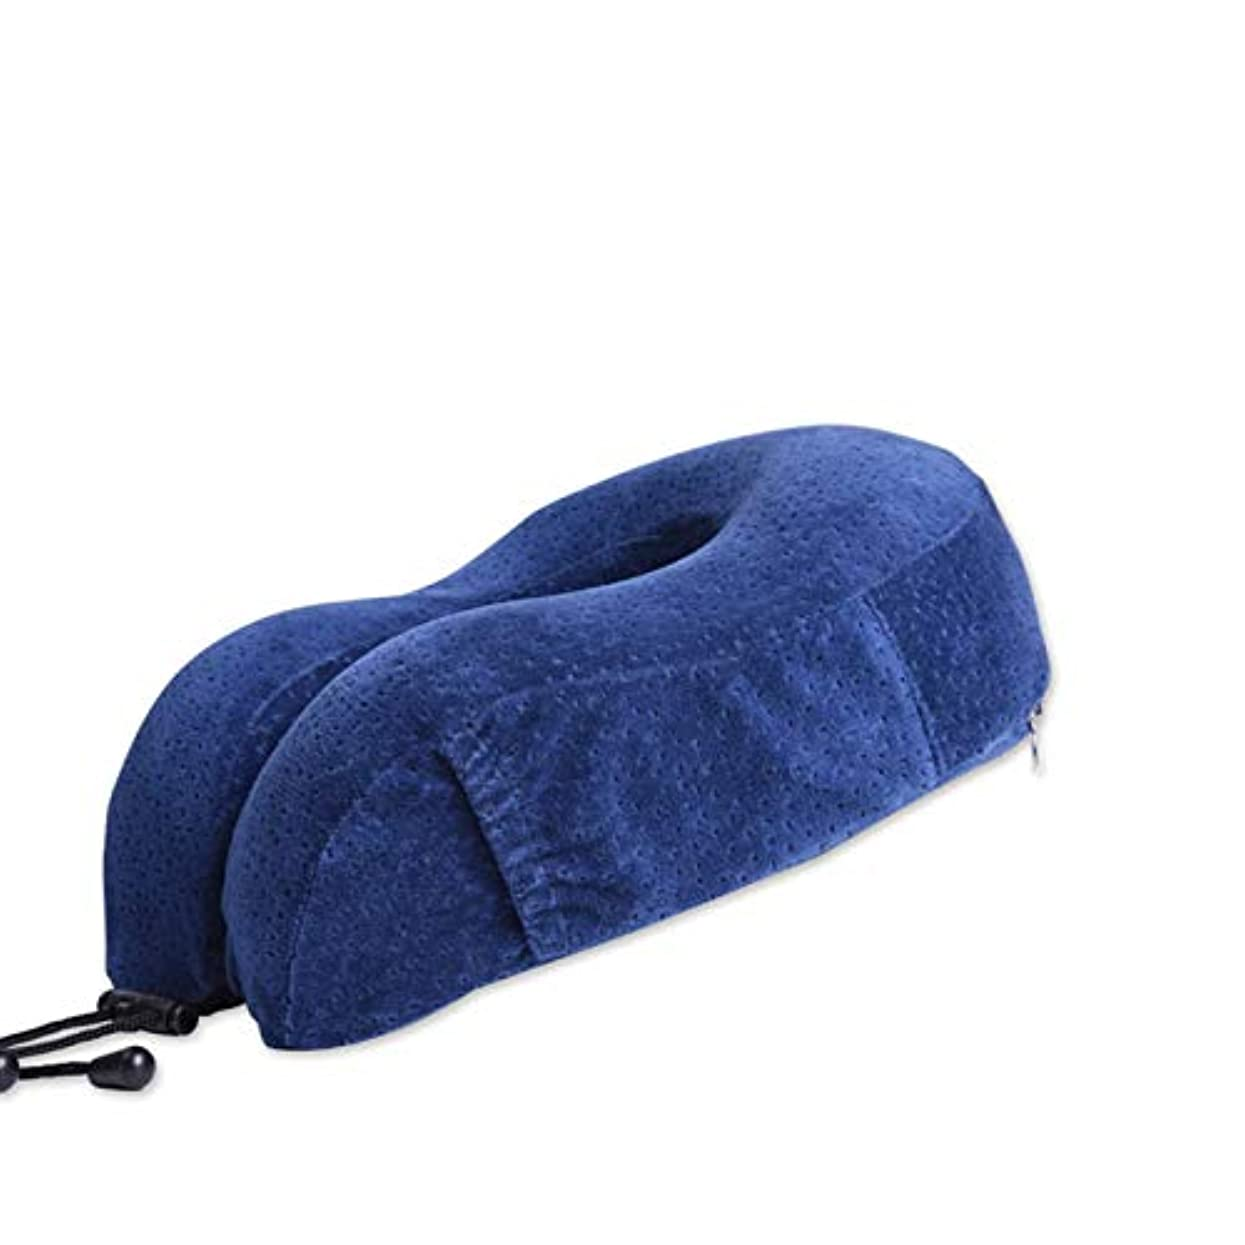 シルクに沿って下に向けますSMART 新しいぬいぐるみピンクフラミンゴクッションガチョウの羽風船幾何北欧家の装飾ソファスロー枕用女の子ルーム装飾 クッション 椅子